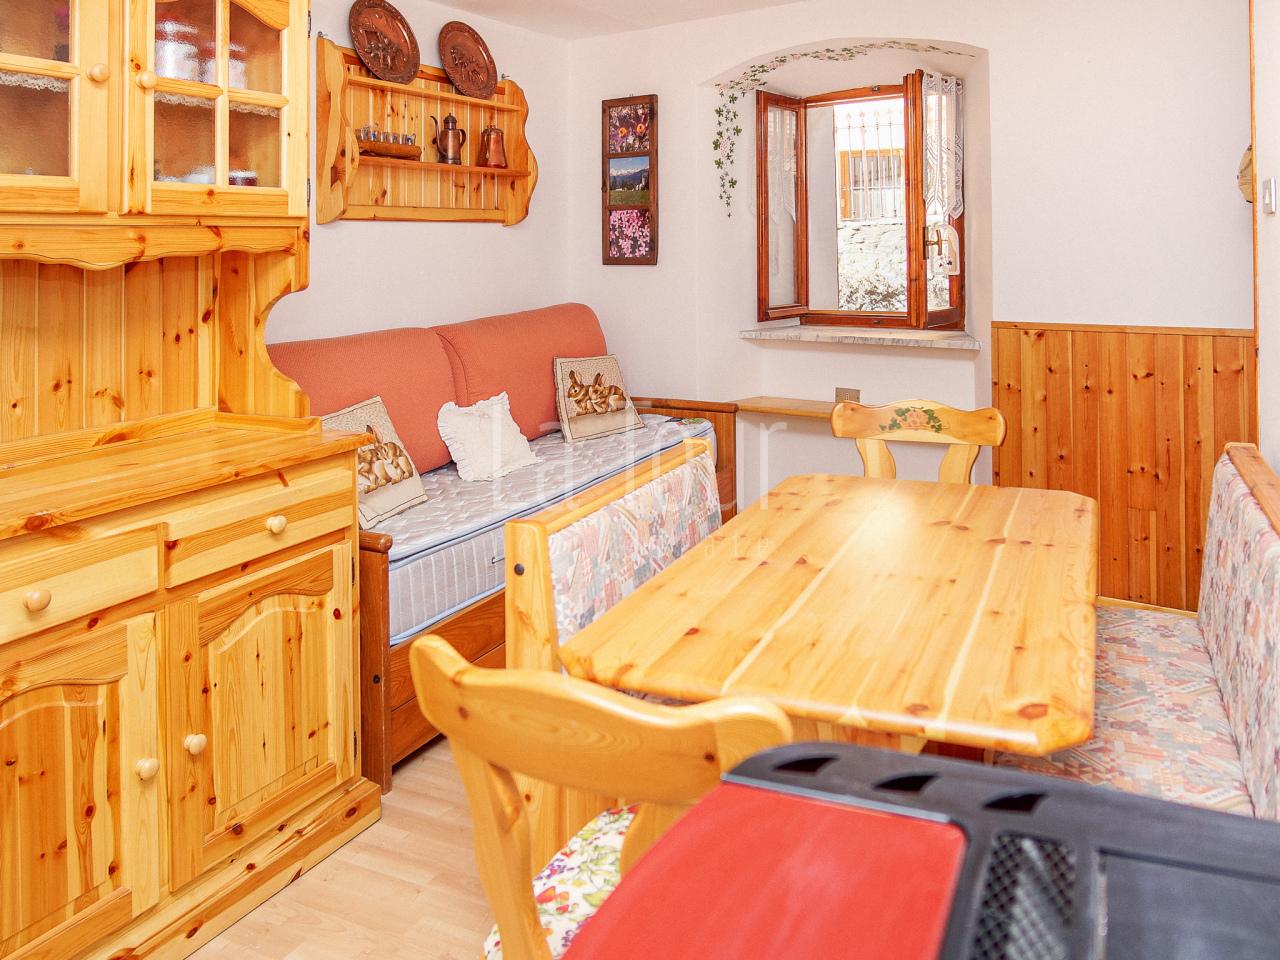 Appartamento in vendita a Saint-nicolas (AO)